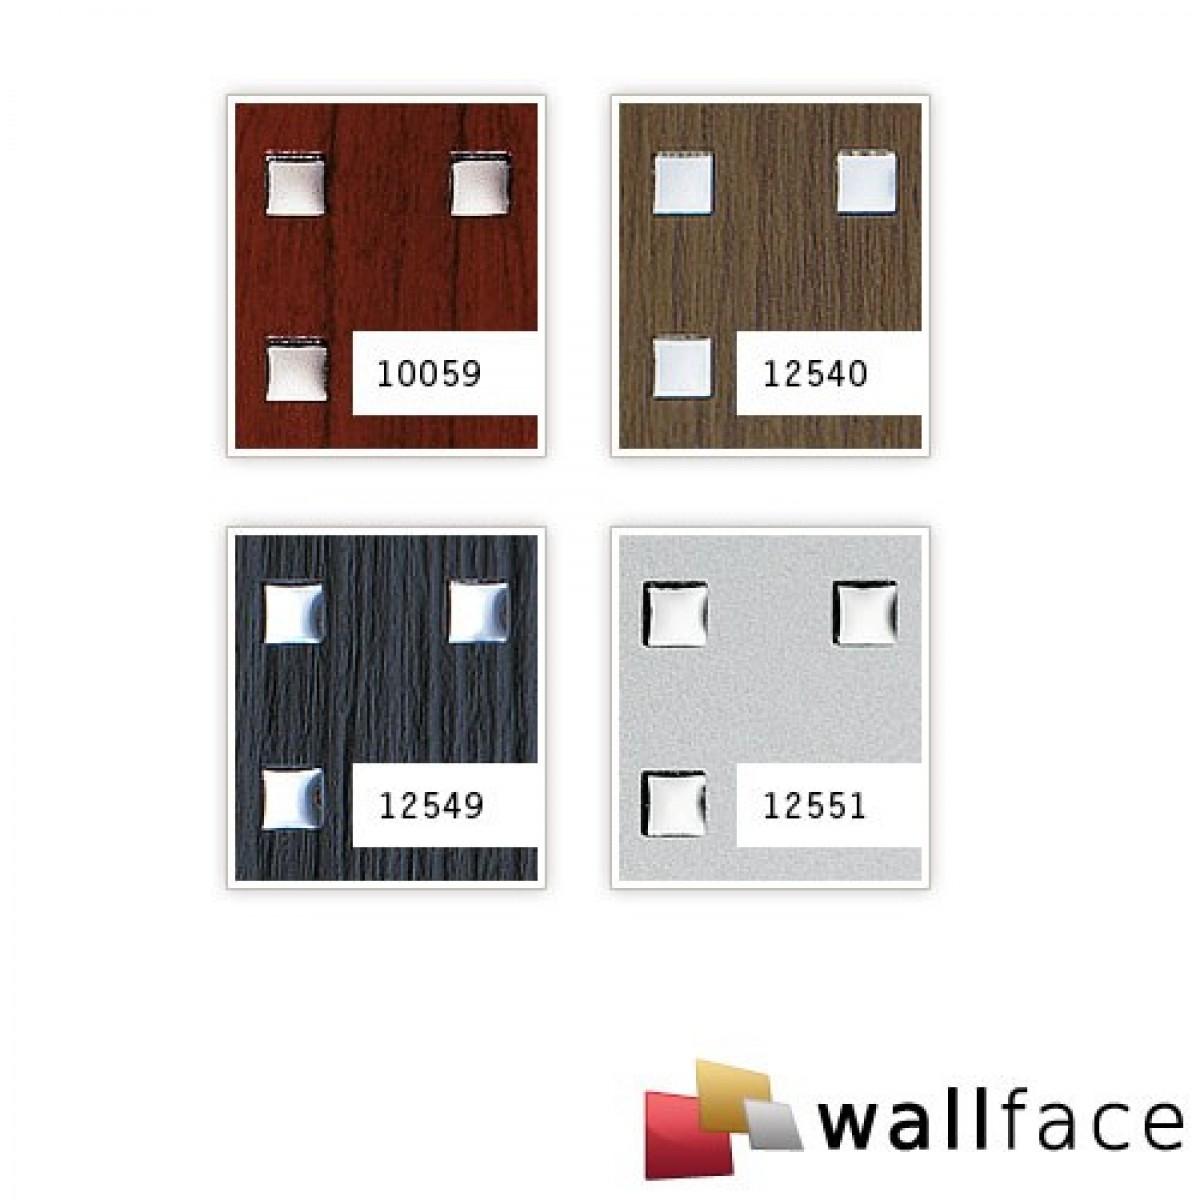 Panou decorativ PUNCH 3D 12540, WallFace, autocolant